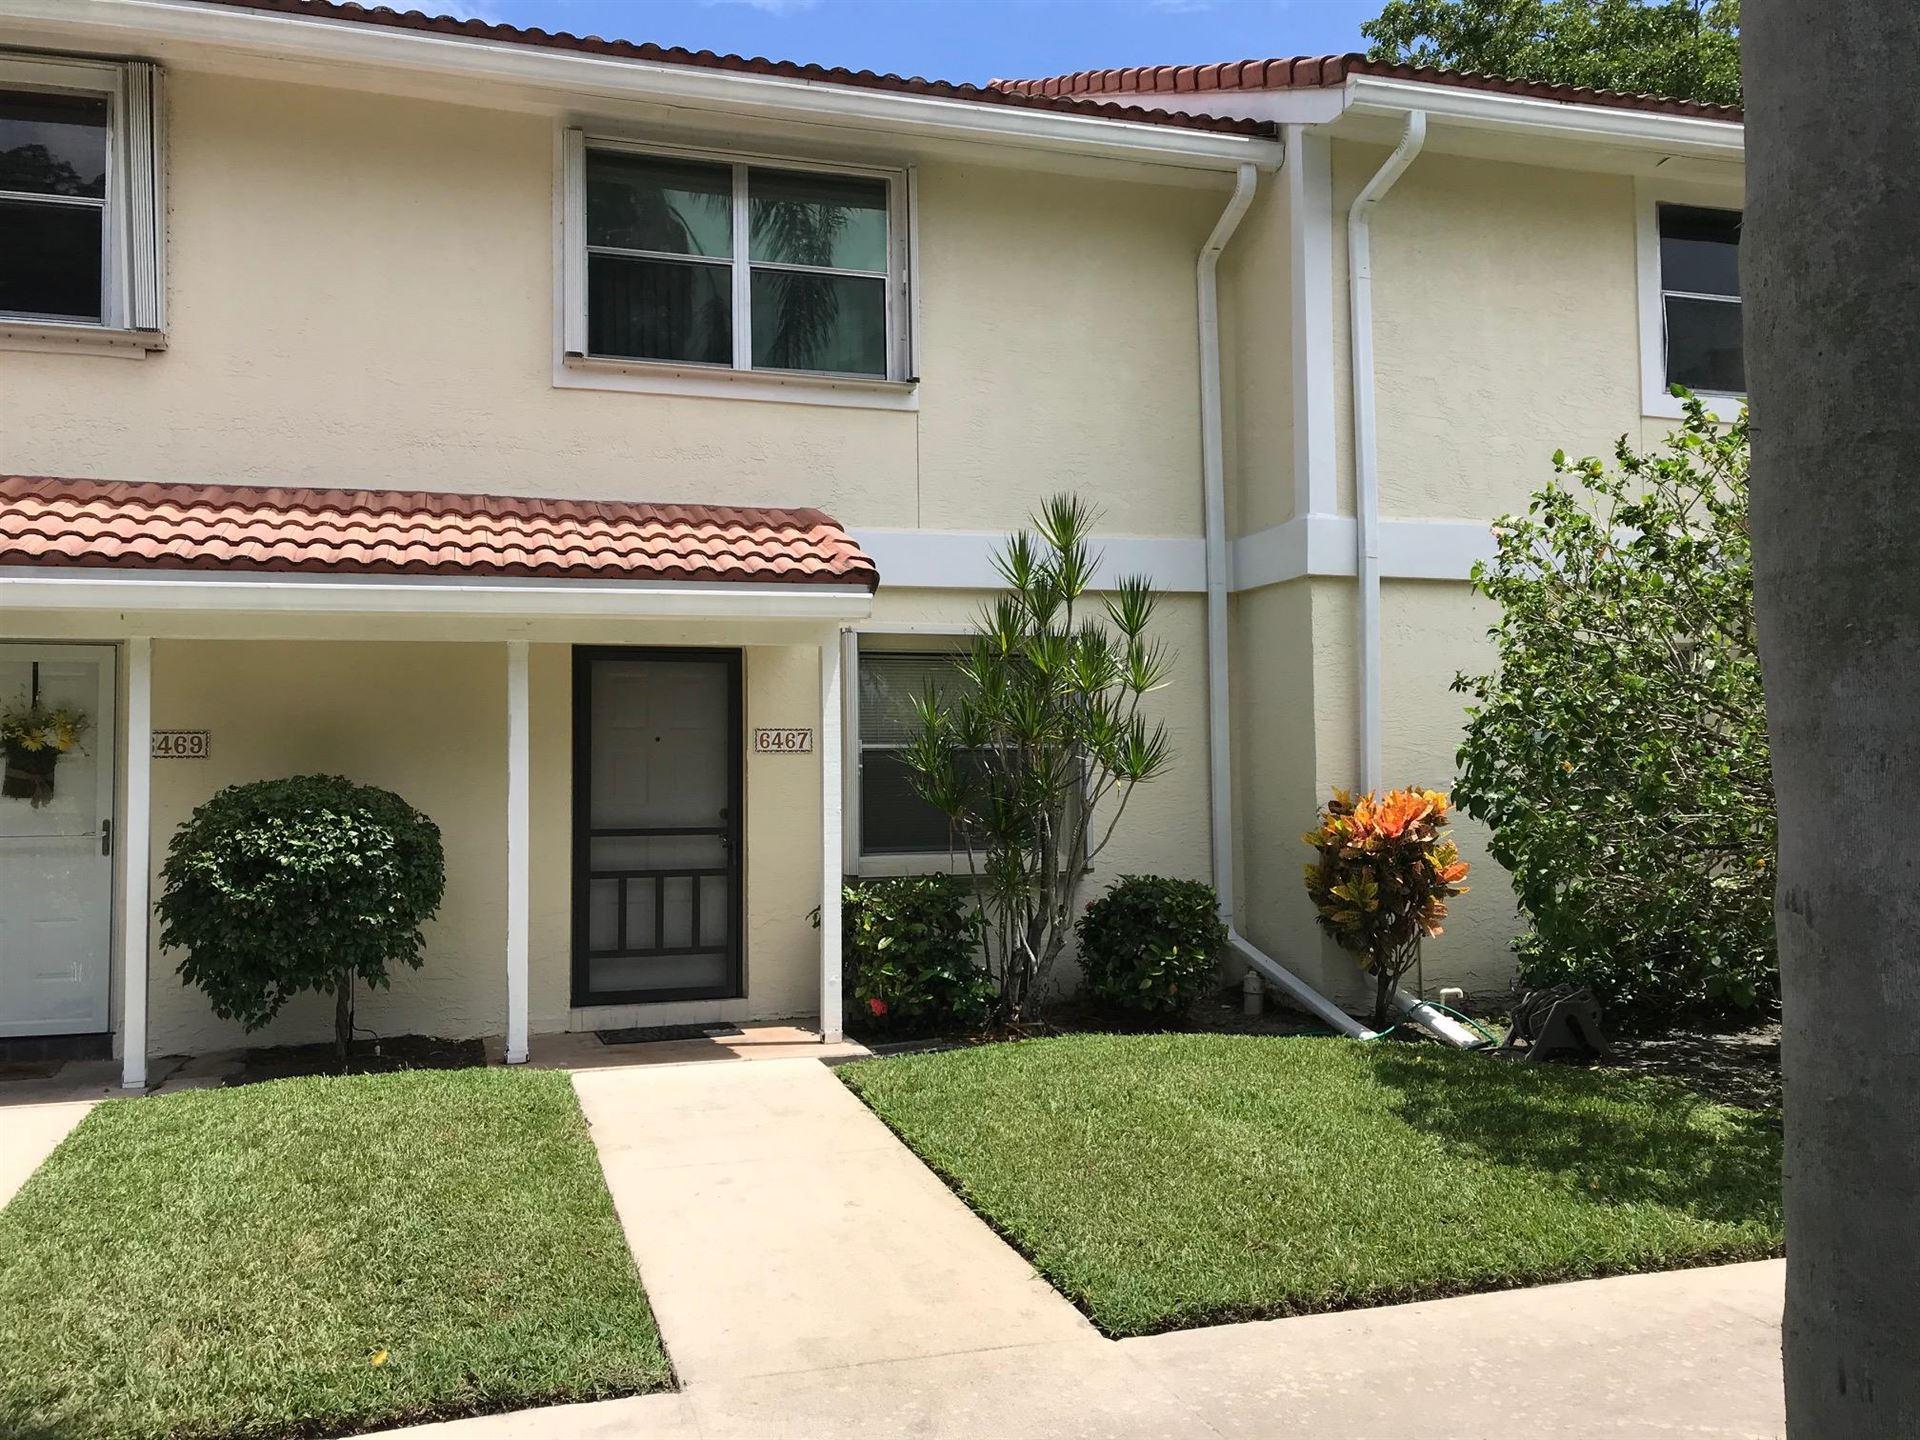 6467 Boca Cir Circle, Boca Raton, FL 33433 - #: RX-10648251